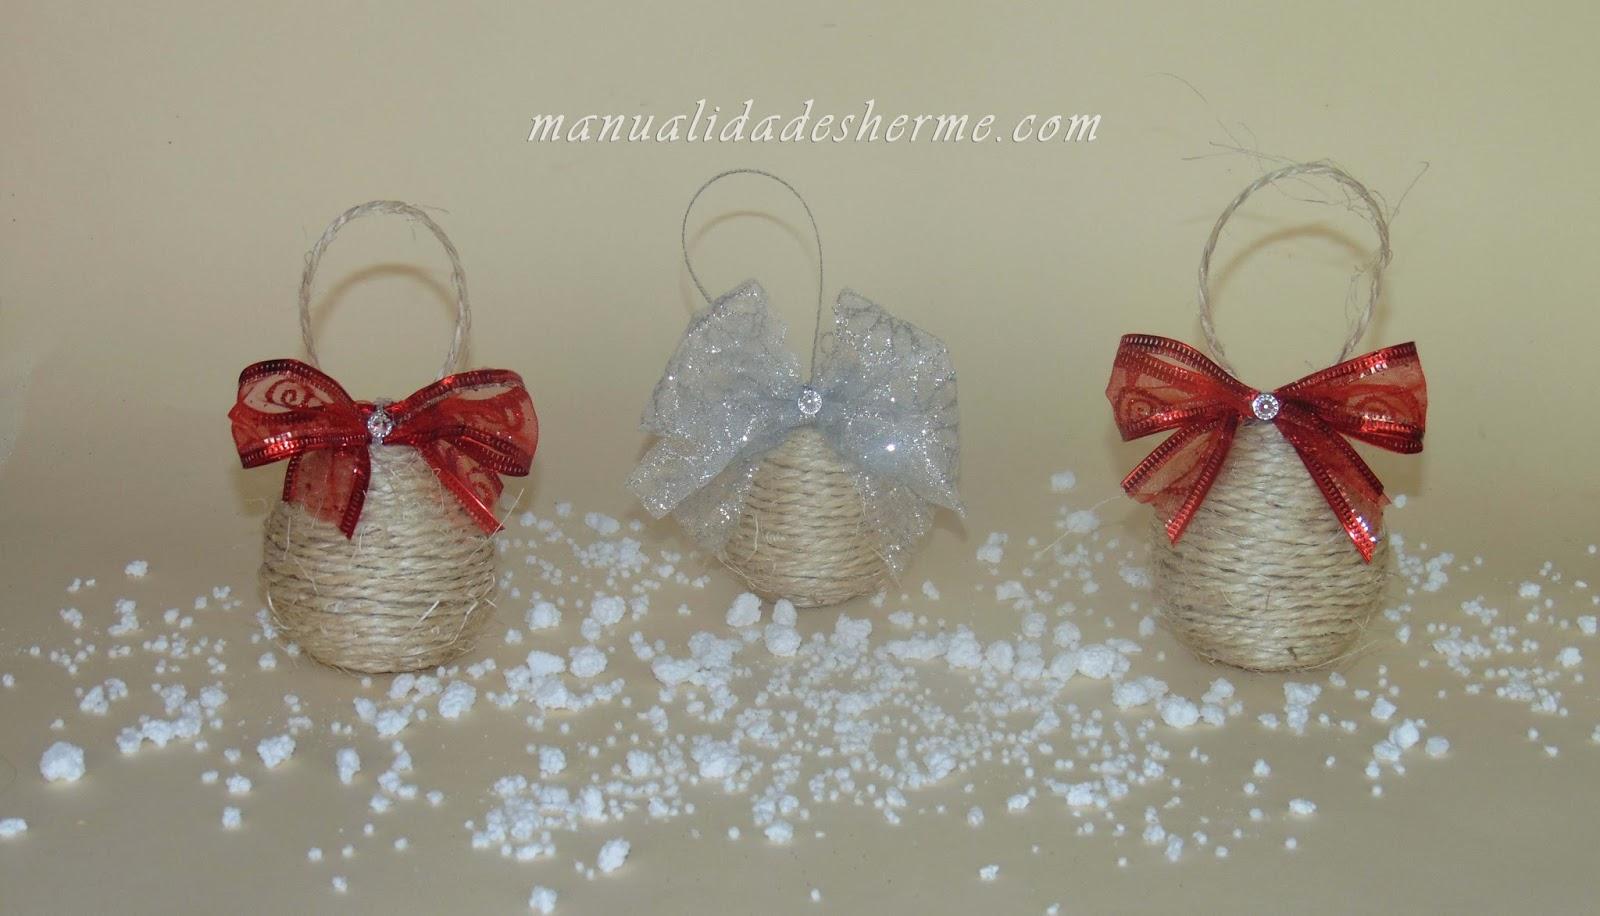 Manualidades herme bolas recicladas para el rbol de navidad - Manualidades con bolas de navidad ...